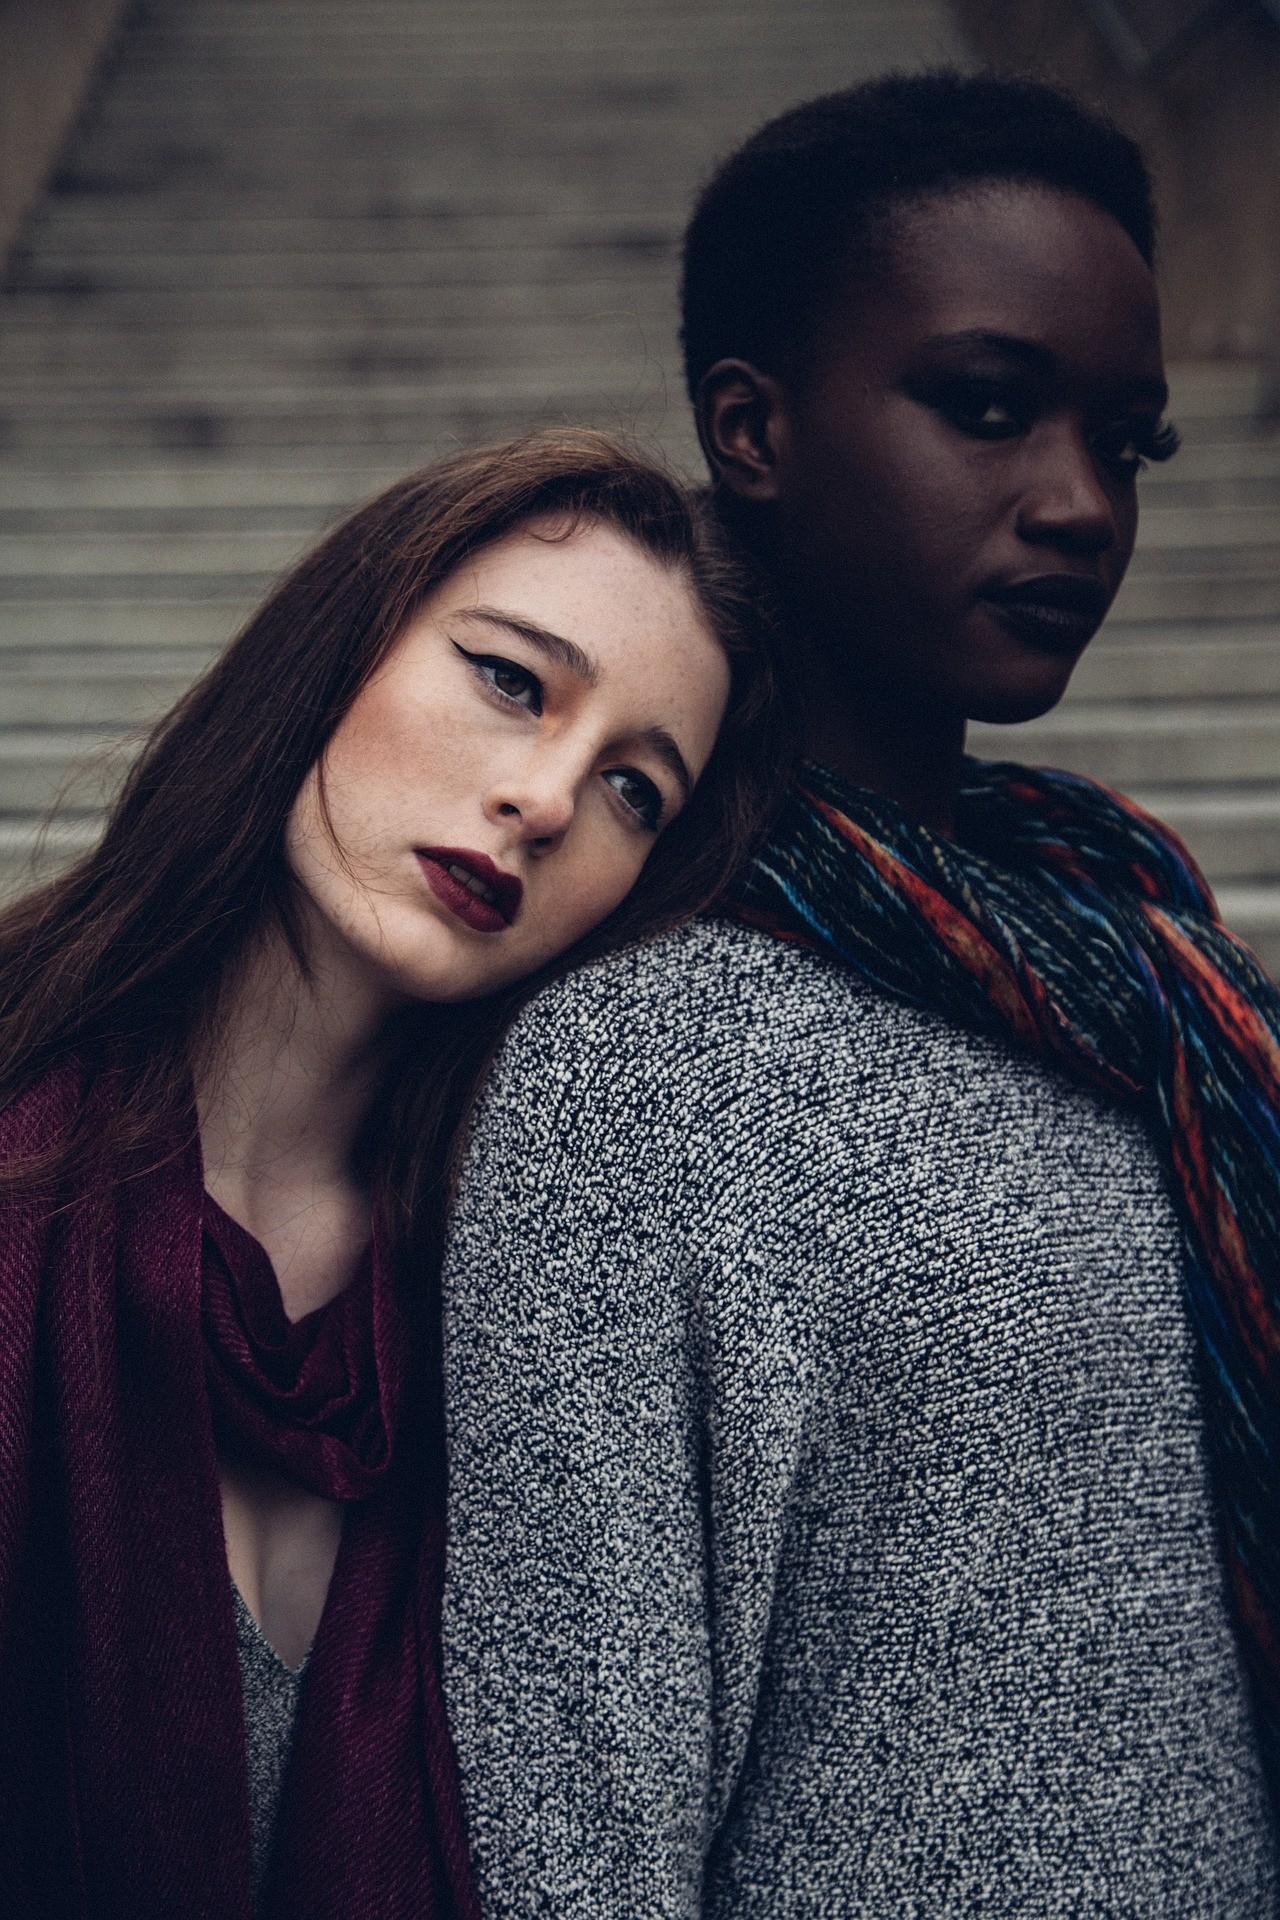 two-women-1246024_1920